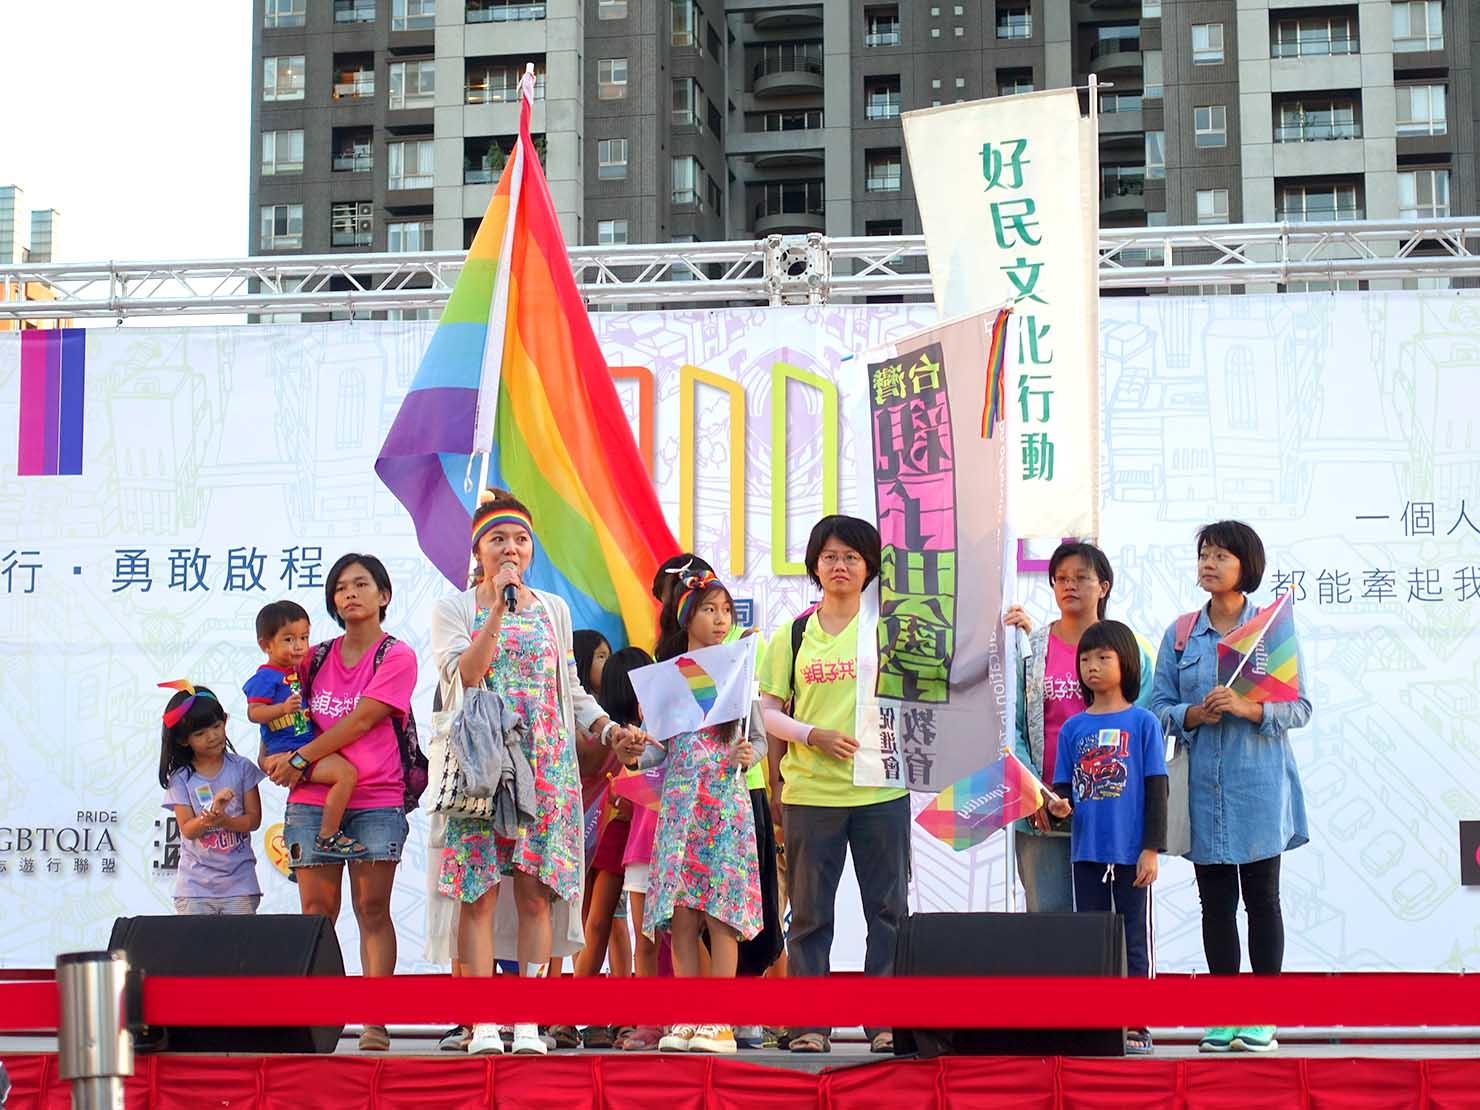 台中同志遊行(台中LGBTプライド)2017のステージでスピーチする親子での参加団体